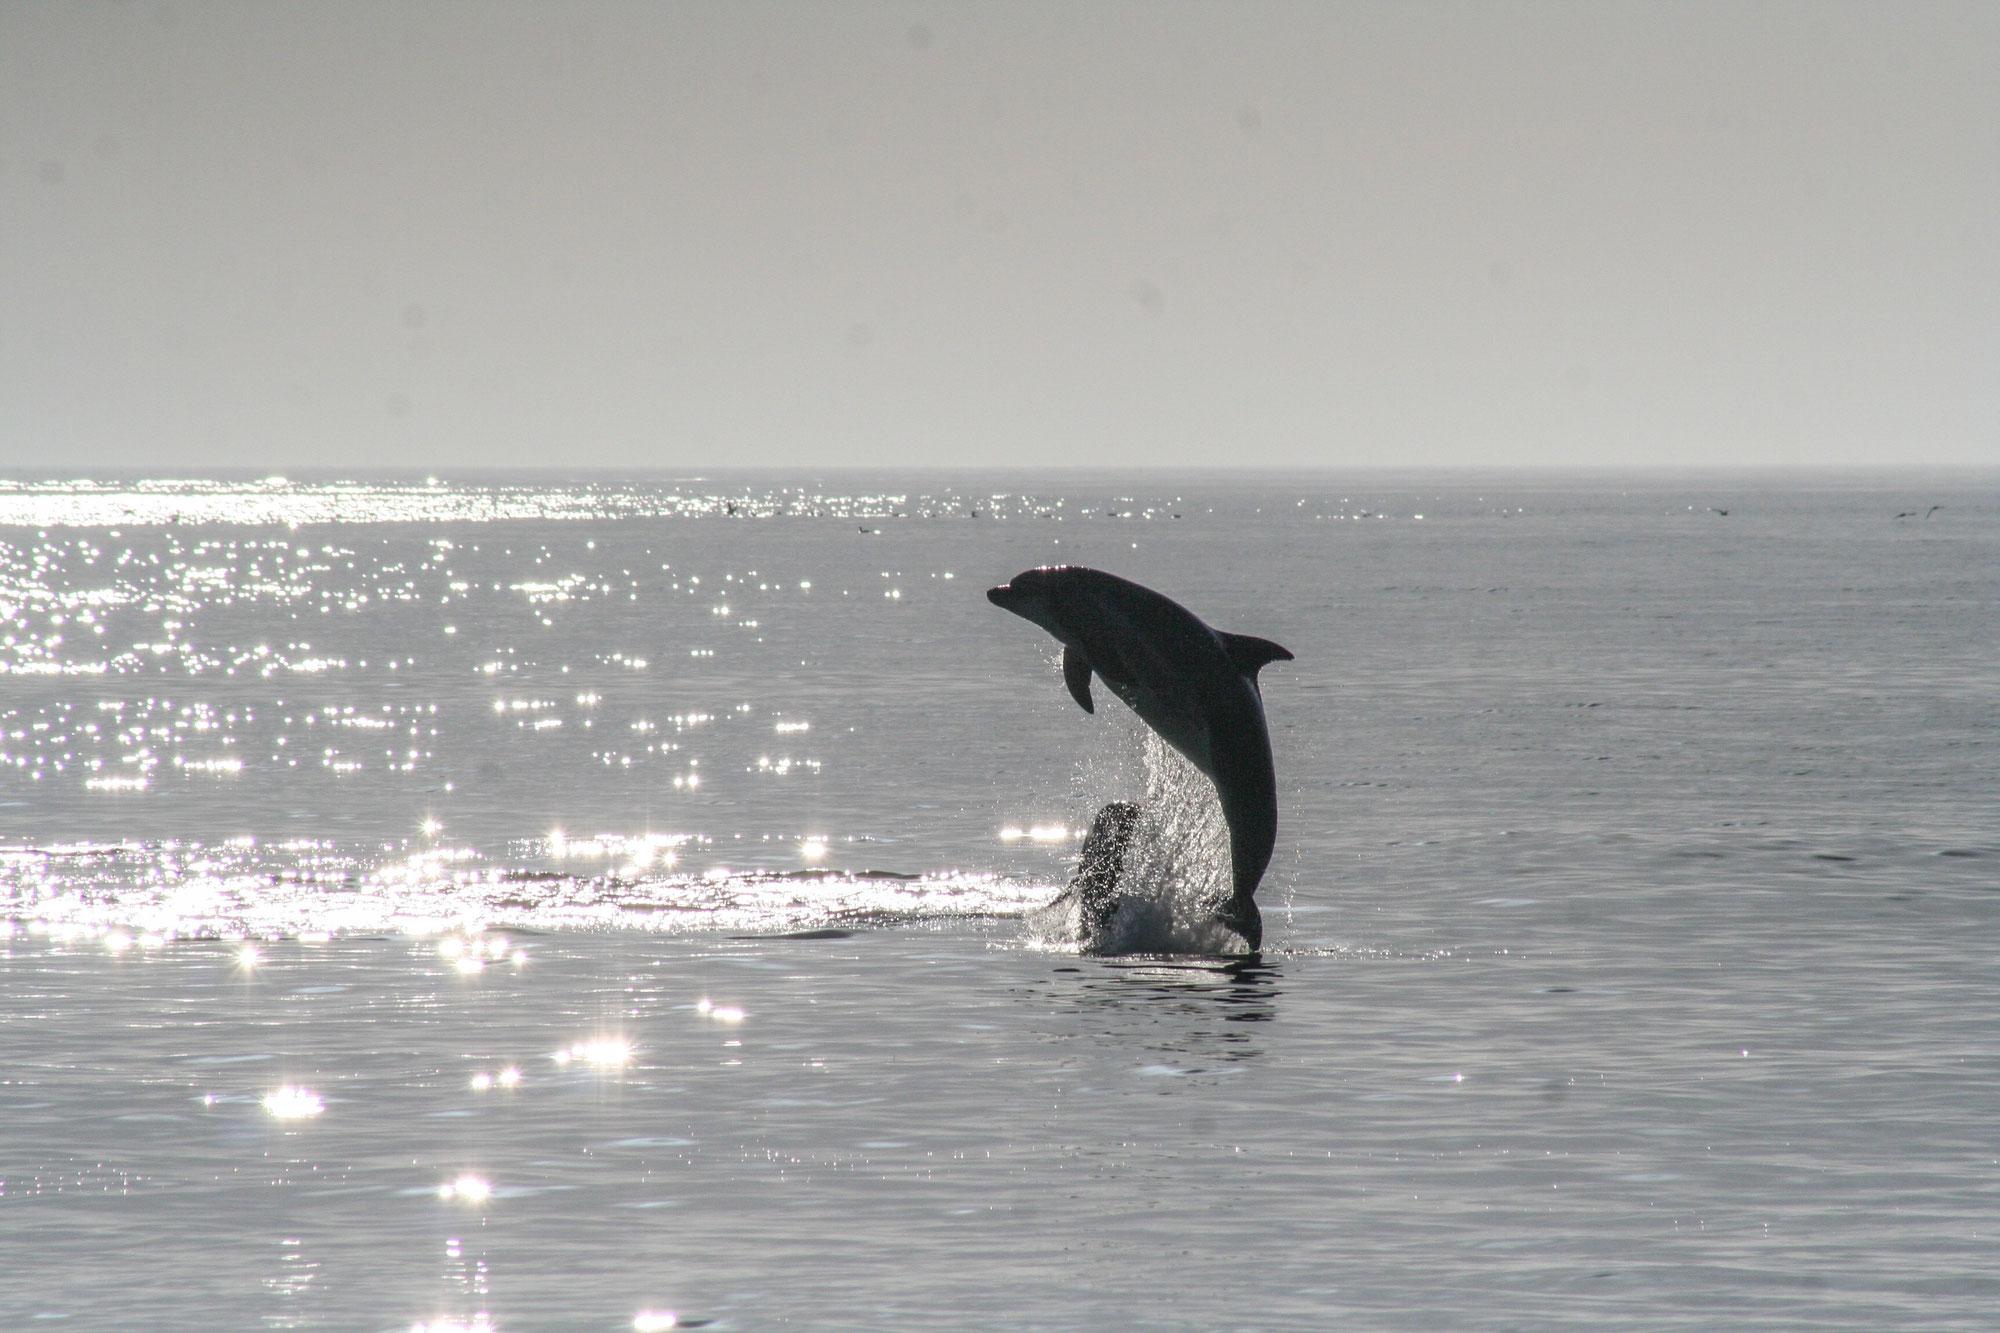 琵琶湖にイルカがとんだ日